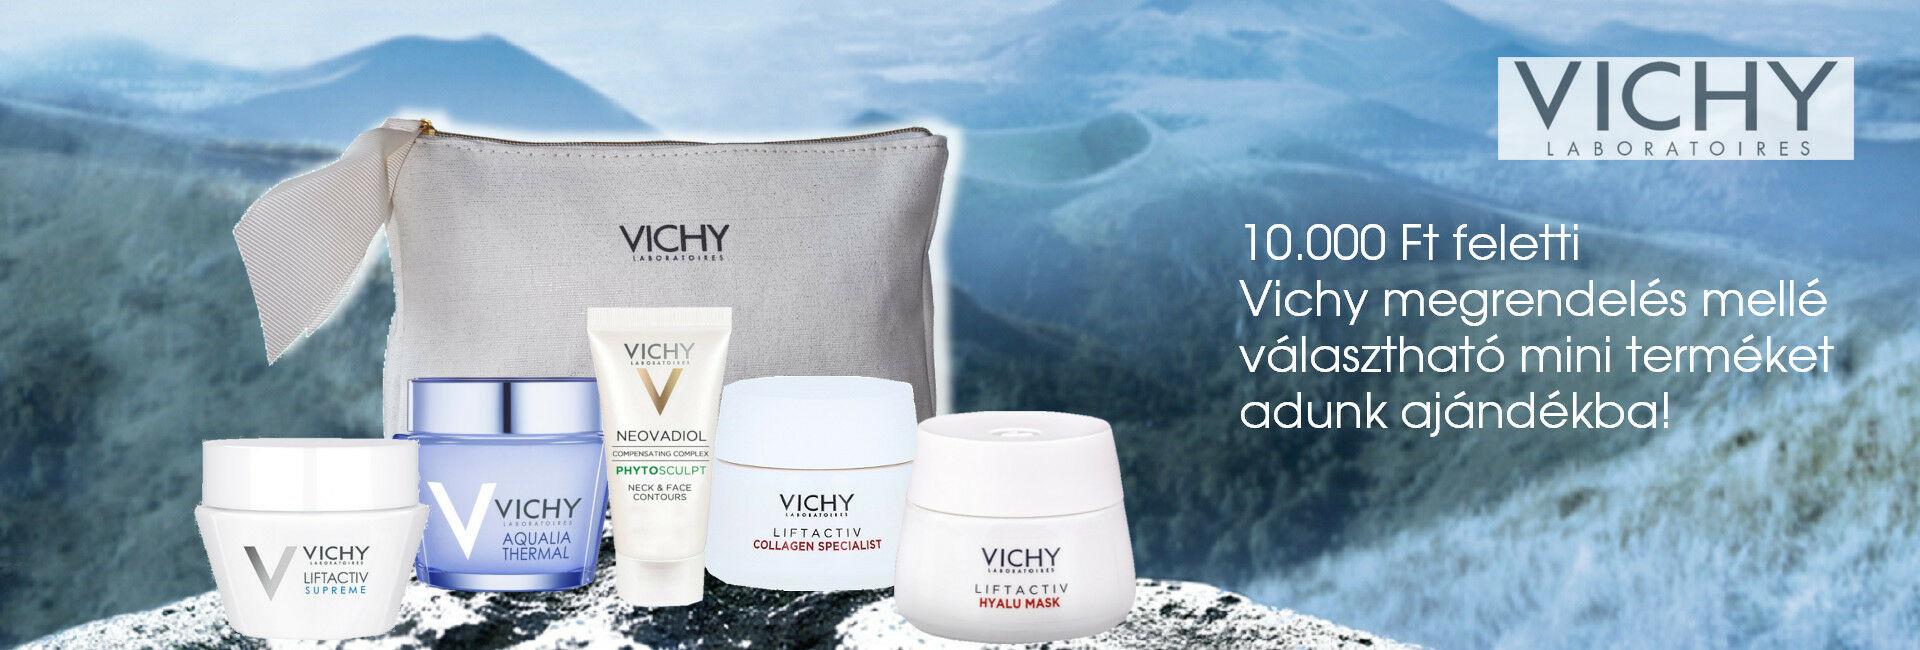 2020. szeptember 16-20. között minden 10.000 Ft feletti Vichy megrendelés mellé választható Vichy mini arcápolót adunk ajándékba!